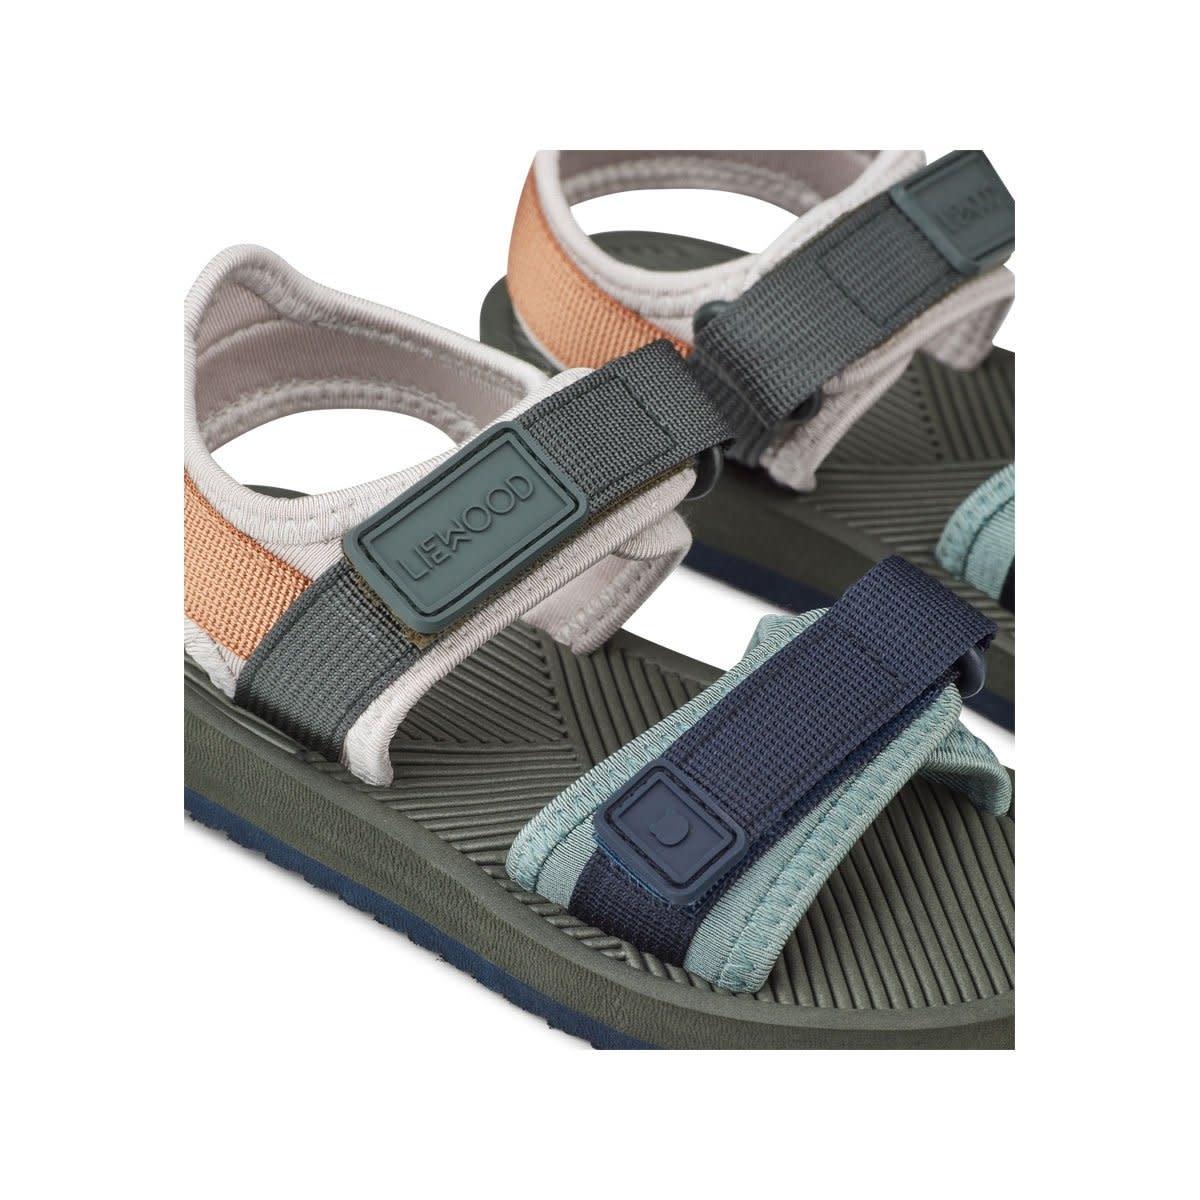 Monty sandals hunter green mix-3